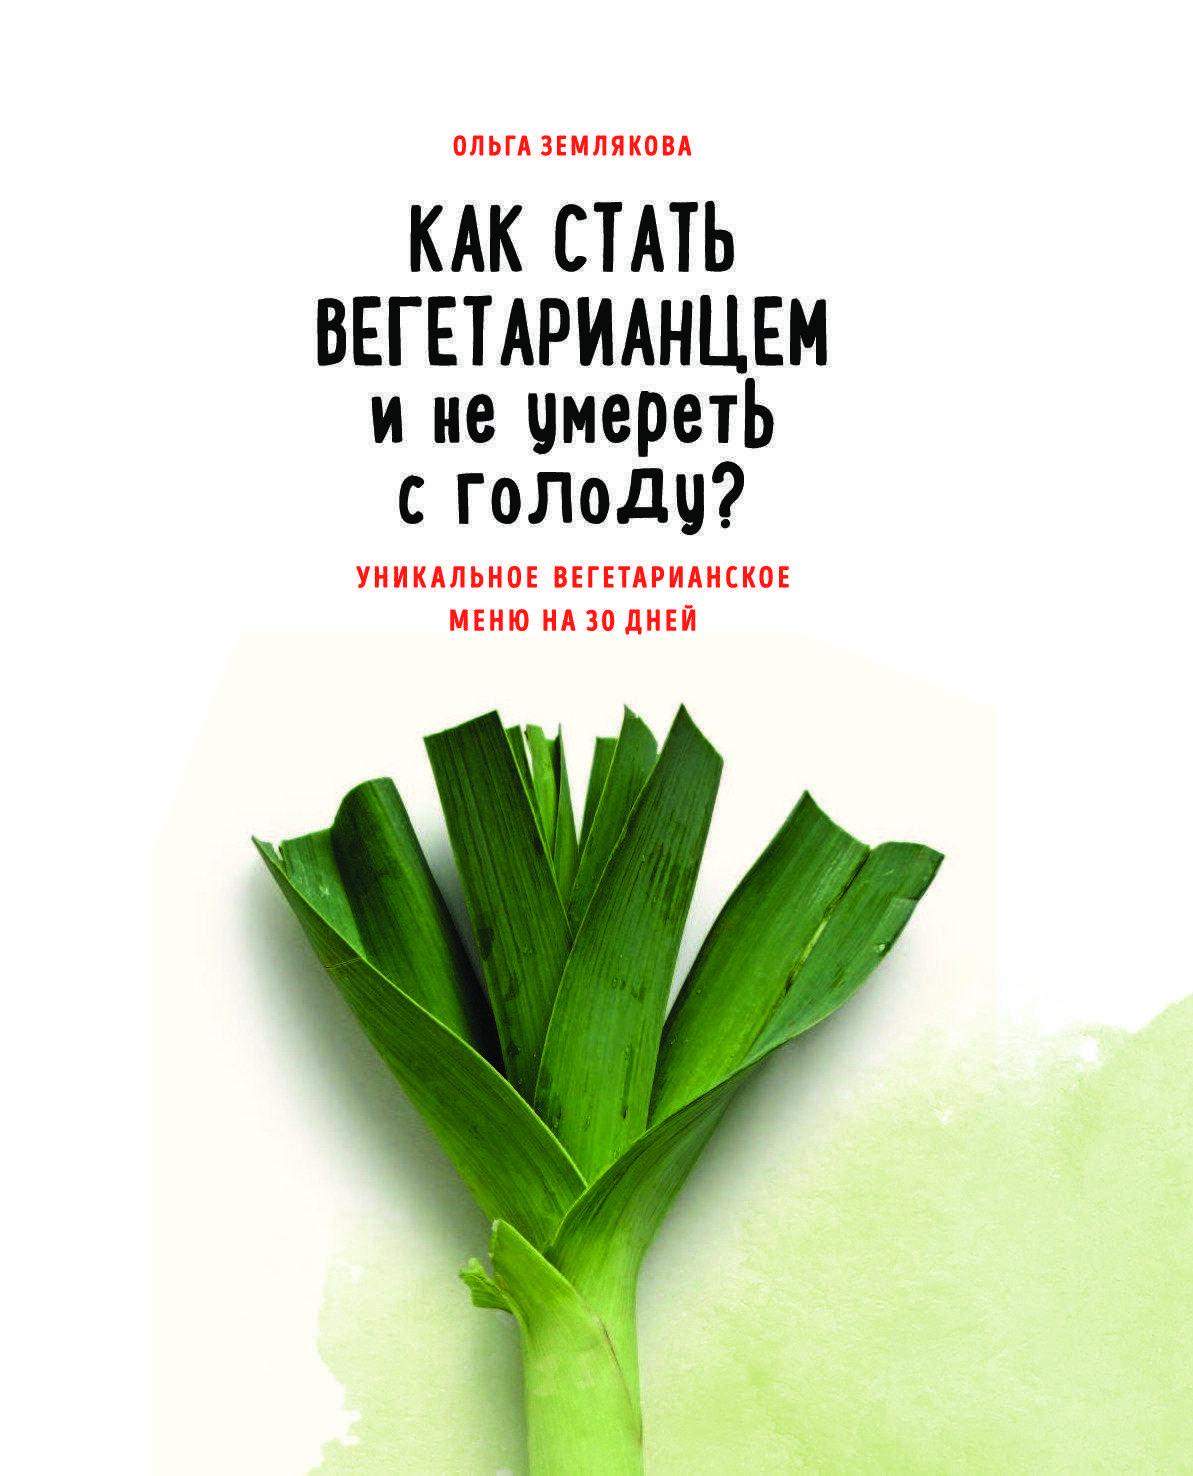 Переход на вегетарианство